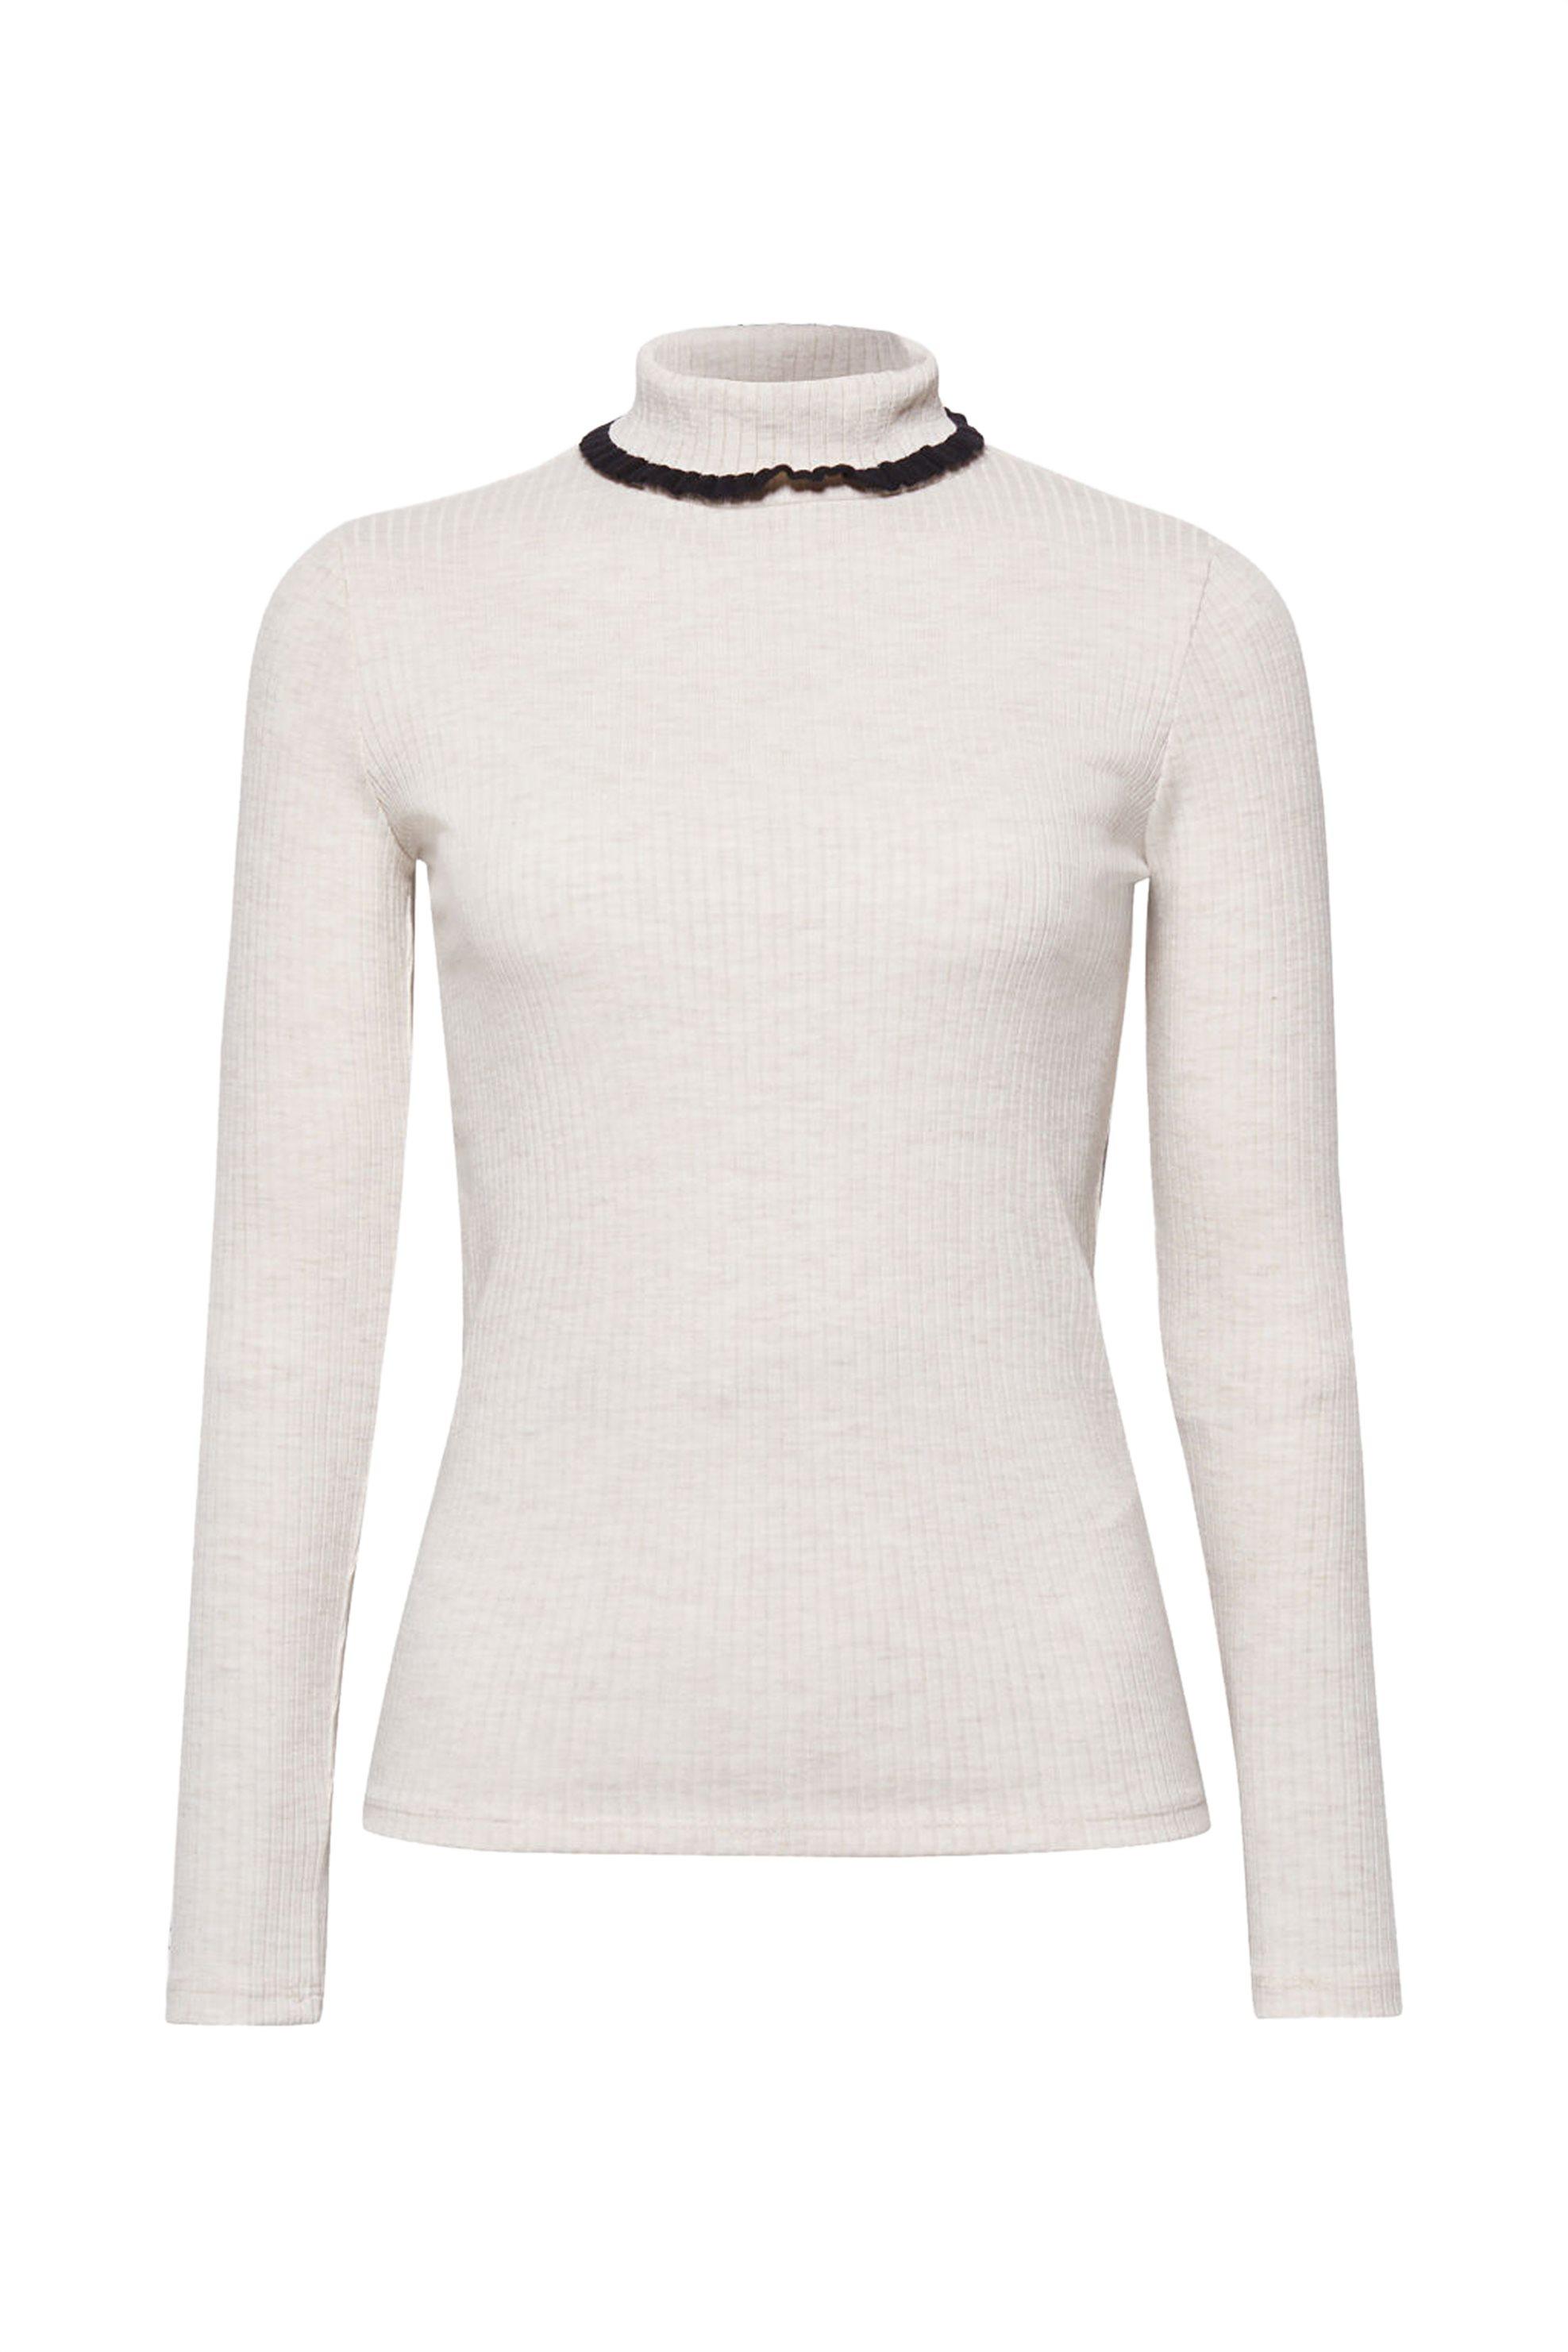 Γυναικεία Πλεκτά Ρούχα - Notos - Σελίδα 3  5af2a12d530